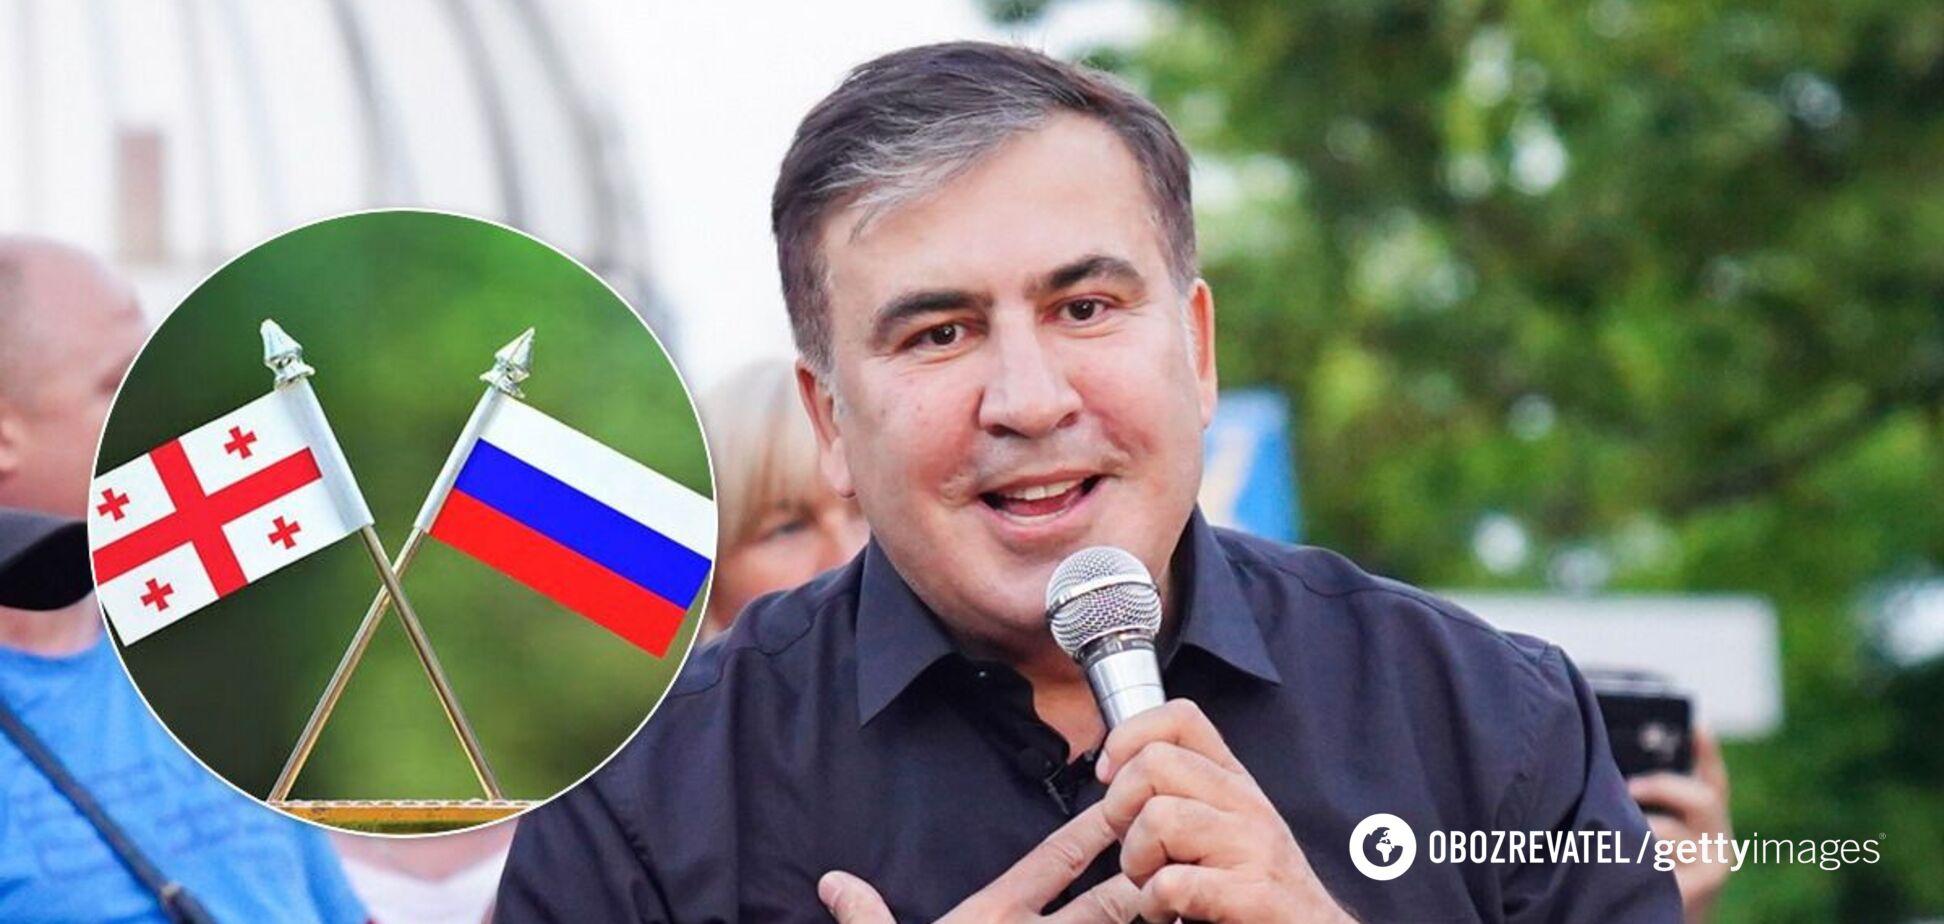 Саакашвілі пообіцяв виборцям не вступати в конфронтацію з РФ